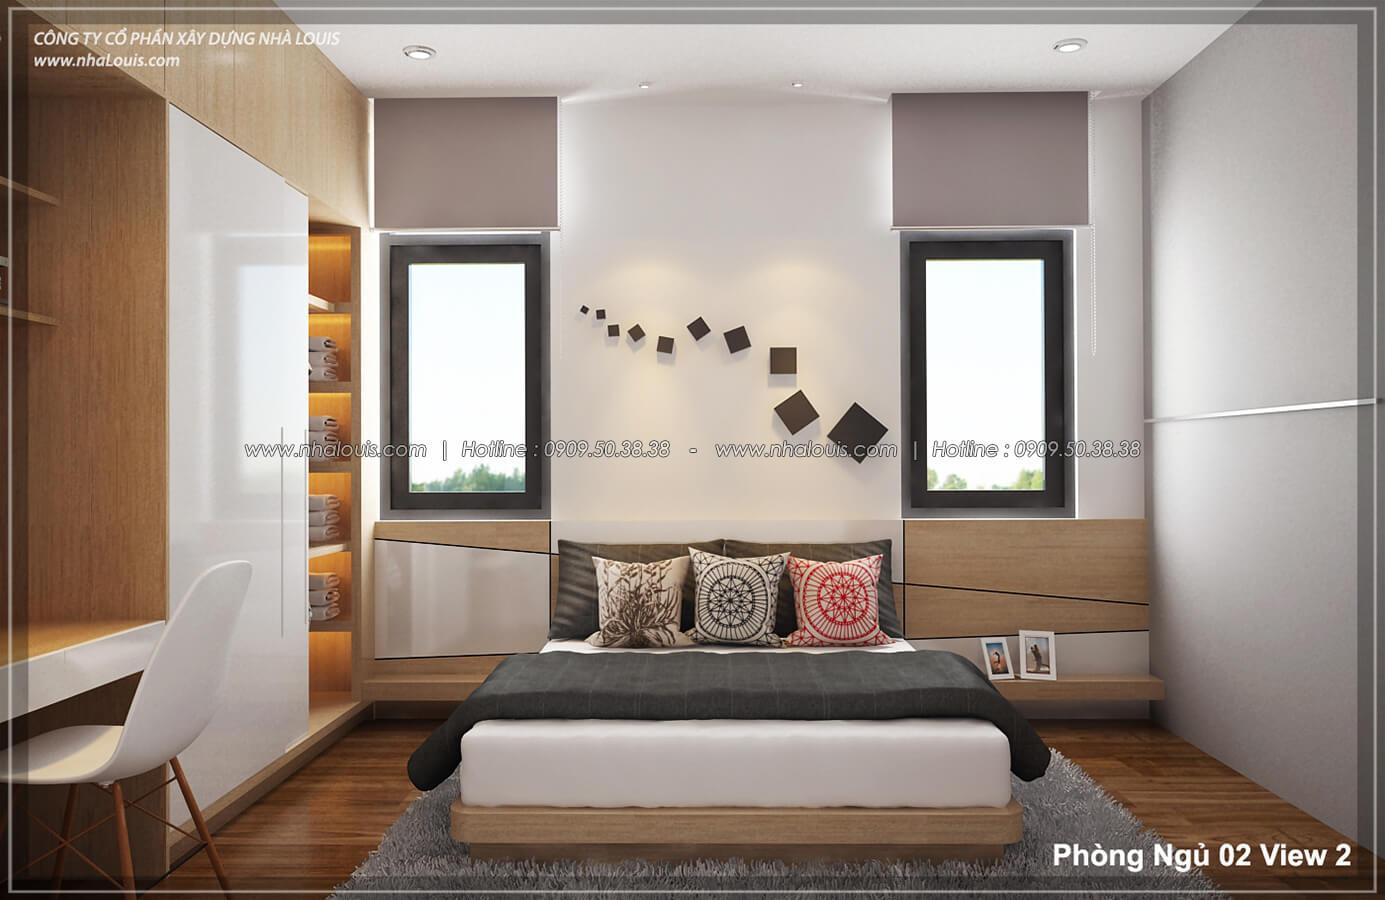 Phòng ngủ Thiết kế nội thất biệt thự hiện đại đẹp tại dự án Lucasta Villa đẳng cấp - 30